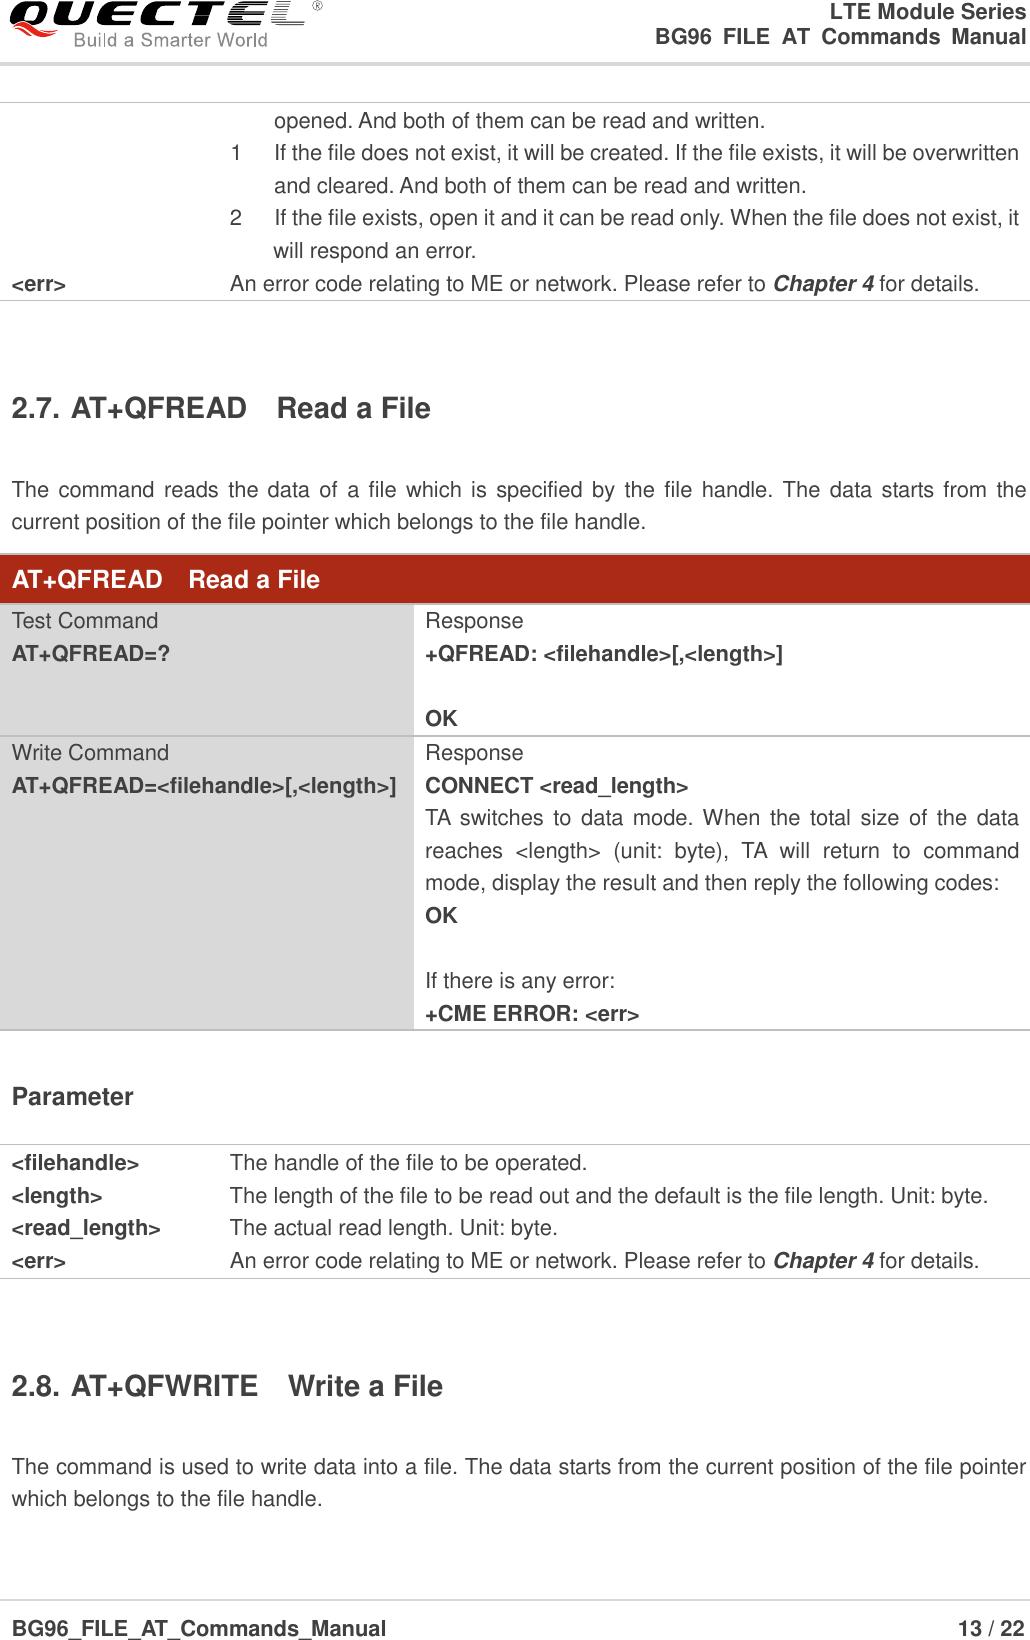 Quectel BG96 FILE AT Commands Manual V1 0